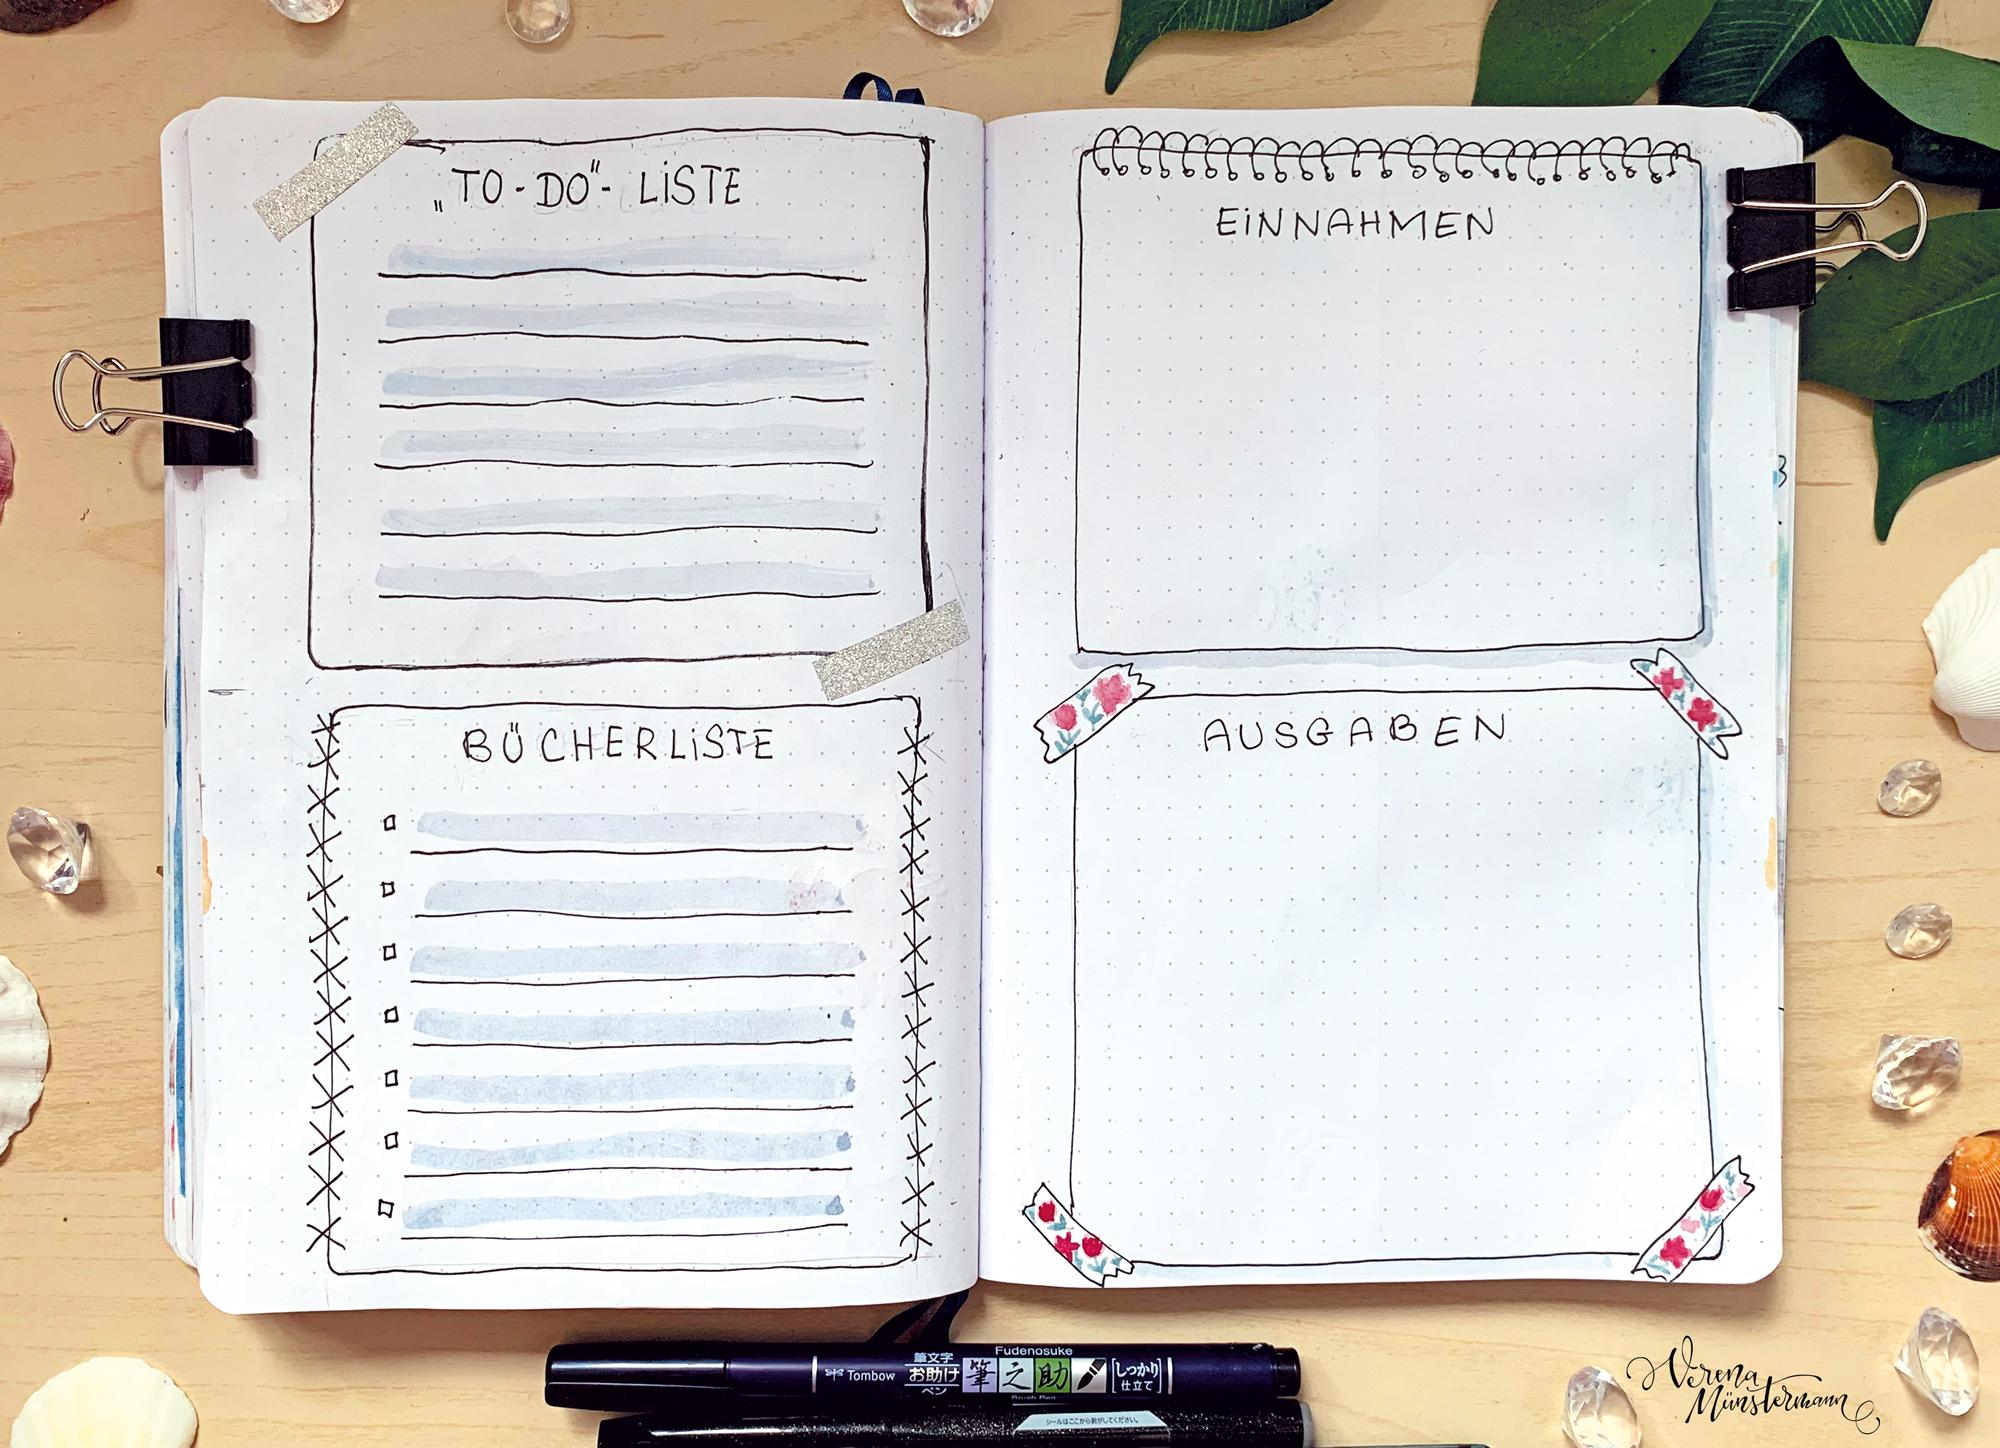 verenamuenstermann - Journal - Bücherliste - Juli